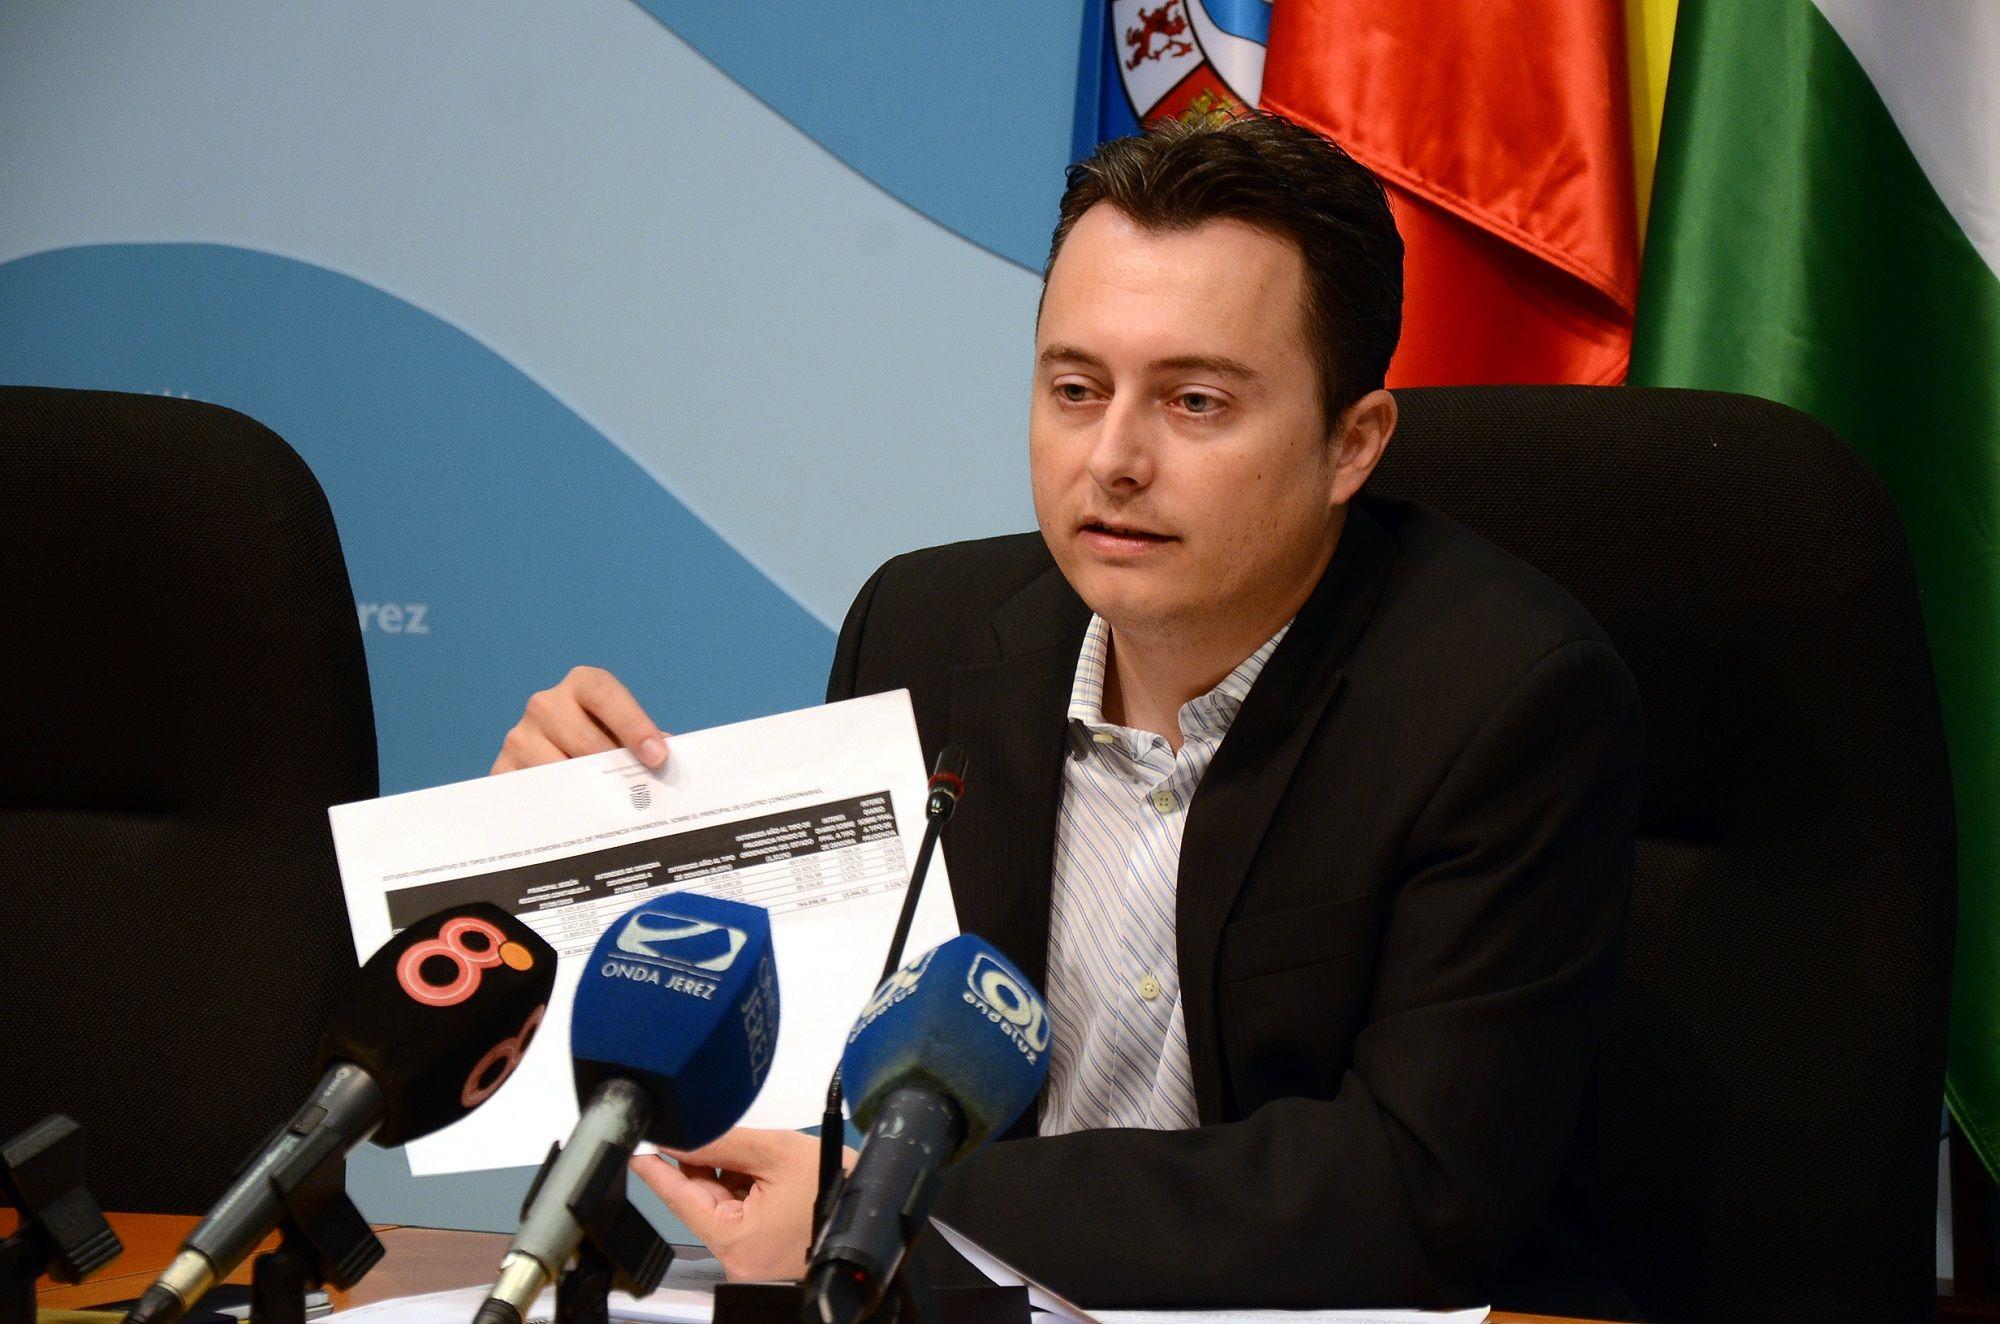 Santiago Galván en rueda de prensa en el Ayuntamiento de Jerez.